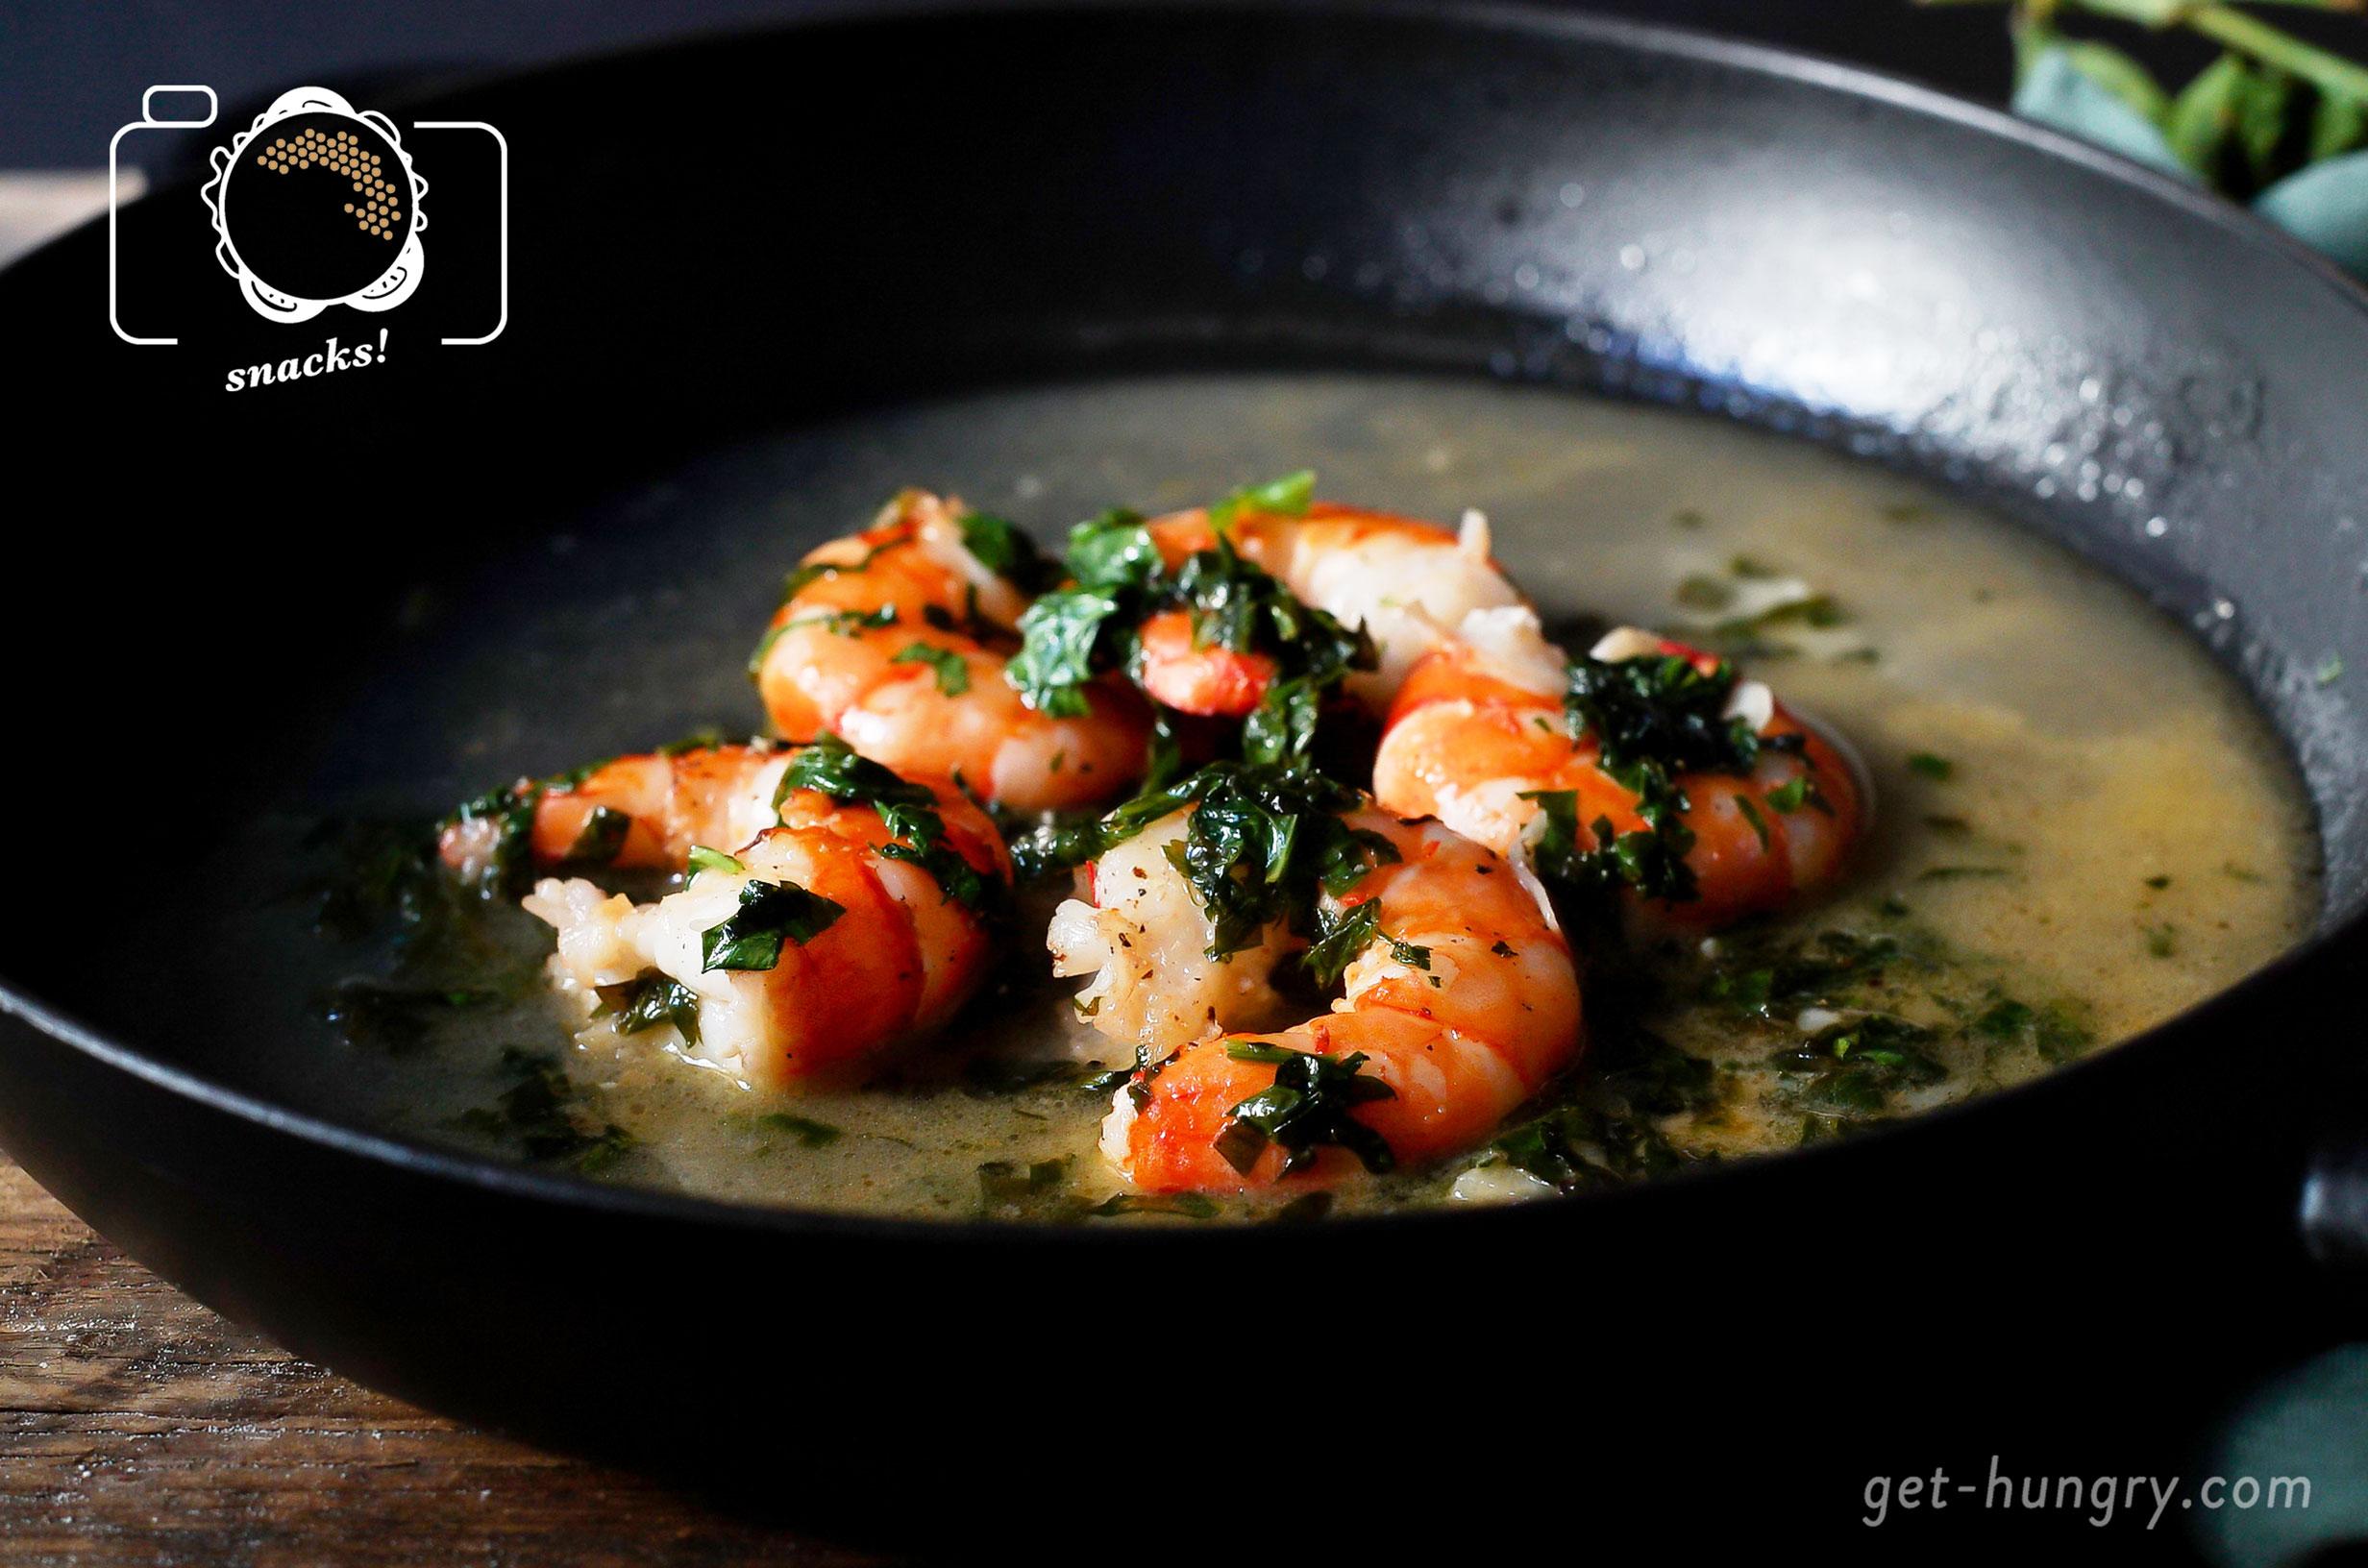 Zitronen-Knoblauch-Garnelen im Petersilien-Weißwein-Sud - Wie ein Urlaub am Meer.Rechne mit max. 3 Garnelen pro Gast, die du vorweg aus der Schale befreist und säuberst. Folgendes Rezept ist für 12 Stück:2 große Zehen blättrig geschnittener Knoblauch und 1/2 Bund fein gehackte Petersilie in 3 EL Olivenöl glasig anschwitzen, Garnelen dazugeben und pro Seite 2 Minuten scharf braten. Mit einem 1/4 l Weißwein und dem Saft einer Zitrone ablöschen. Mit Salz und Chiliflocken würzen, danach Hitze halbieren und Garnelen unter geschlossenem Deckel 4 Minuten gar ziehen.